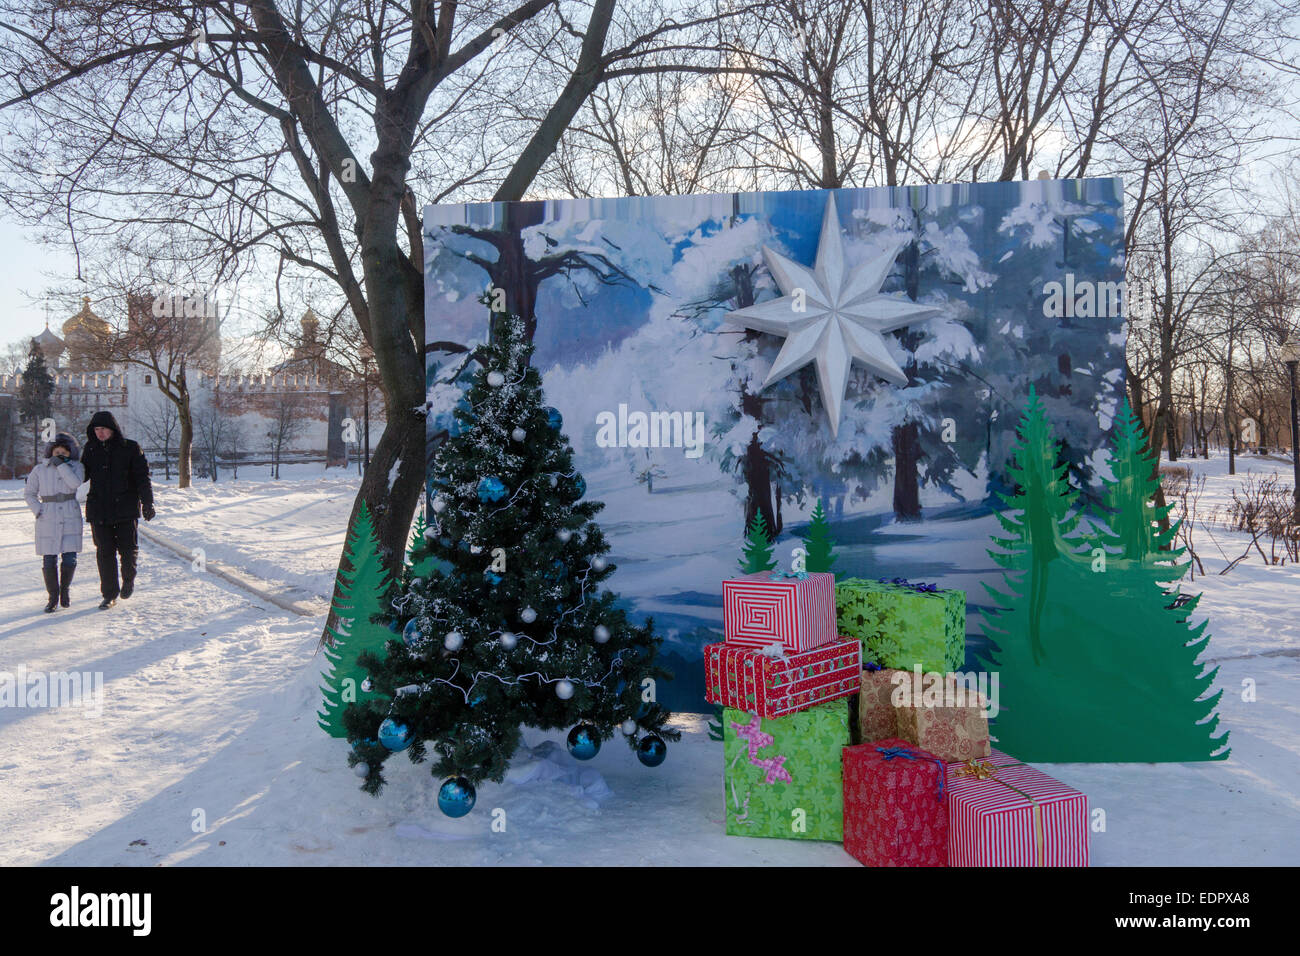 Orthodoxe Weihnachten.Moskau Russland 7 Januar 2015 Leute Feiern Orthodoxe